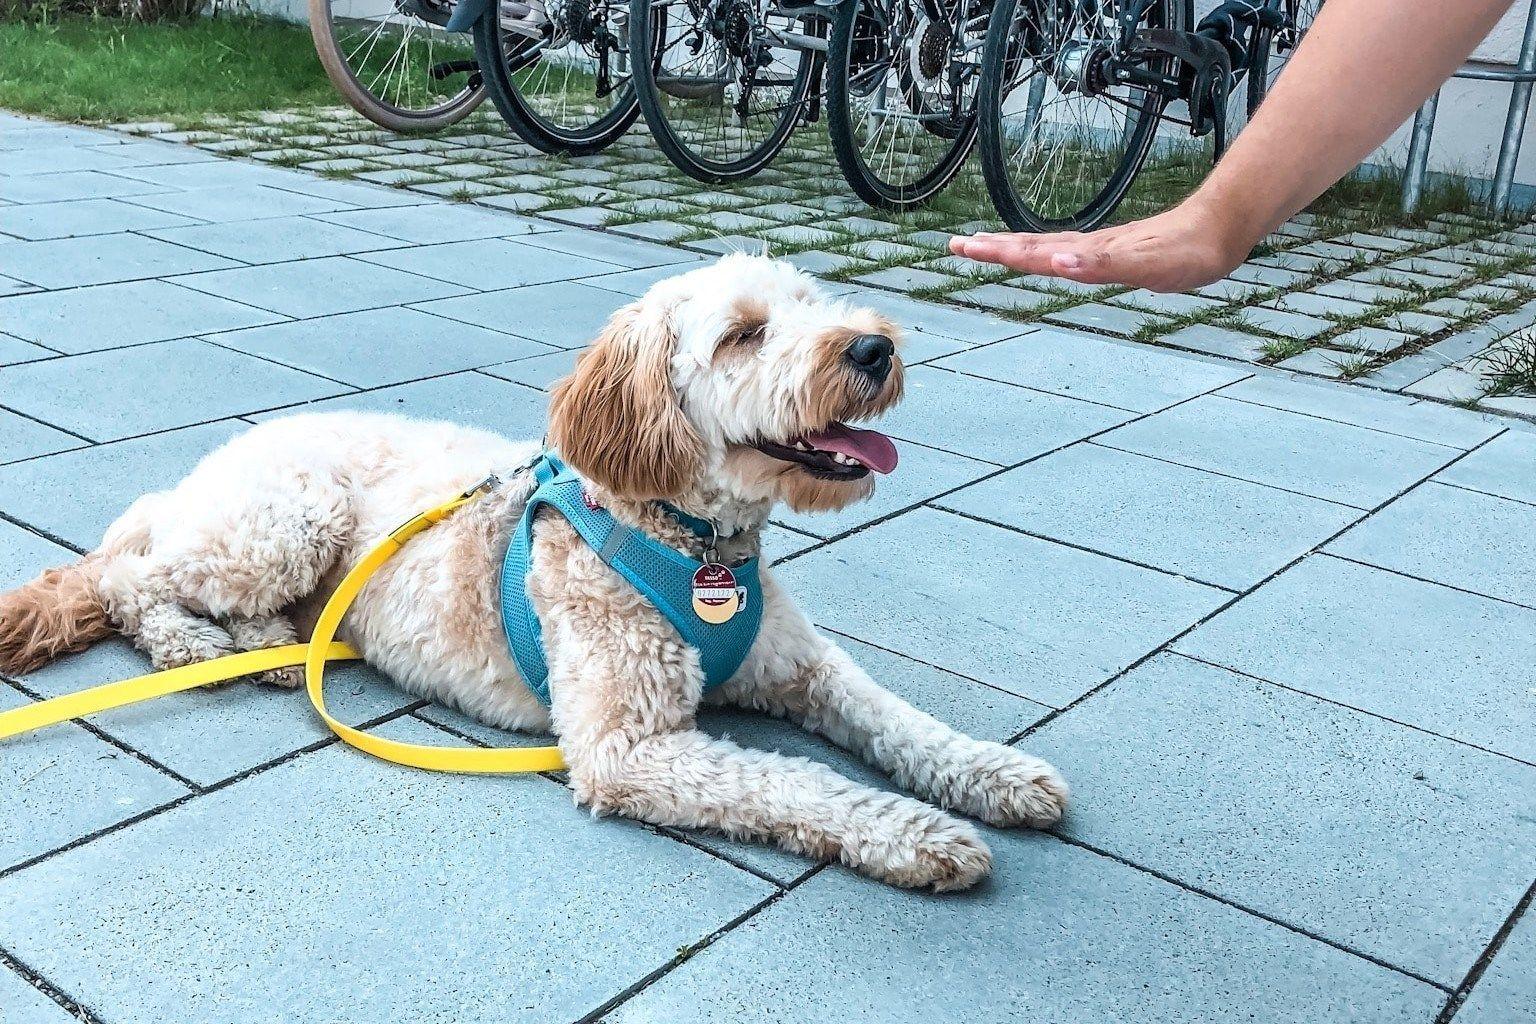 Die Ersten 5 Grundkommandos Fur Deinen Welpen Welpen Hunde Welpen Erziehung Hunde Welpen